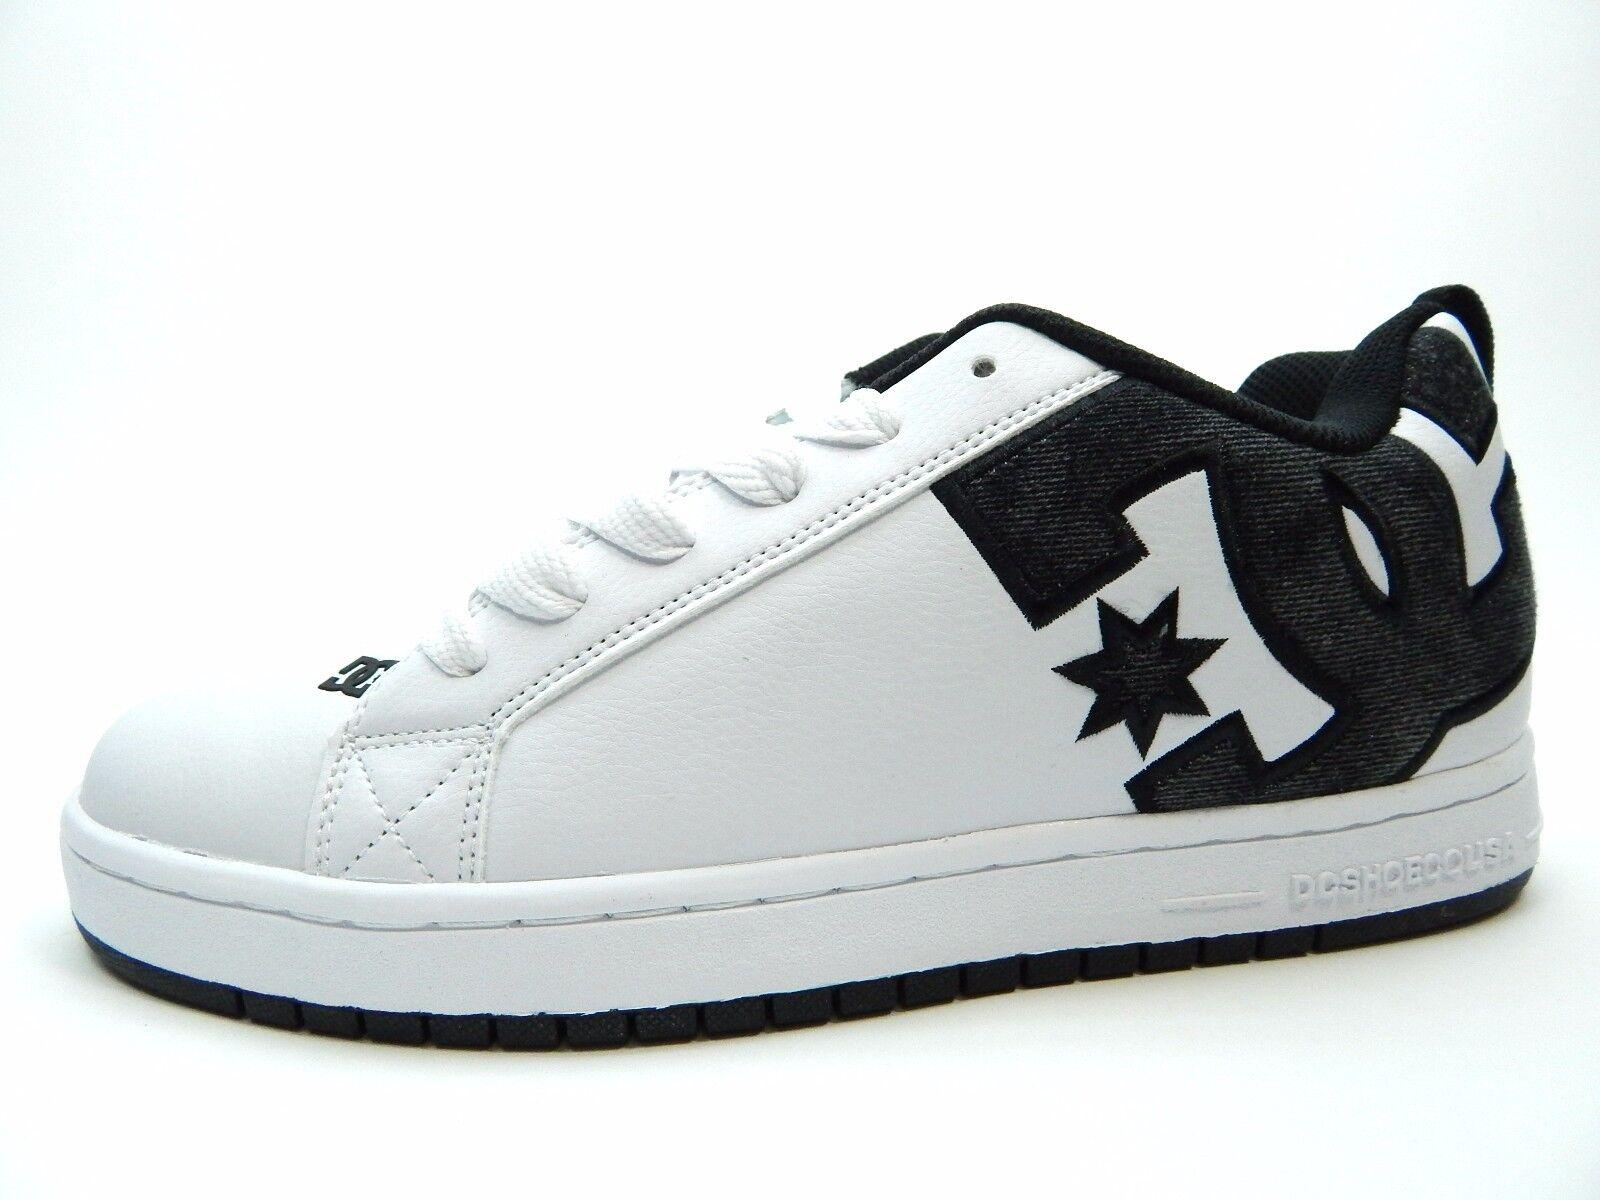 DC COURT GRAFFIK SE blanc GREY noir 300927 hommes Chaussures SIZE 8